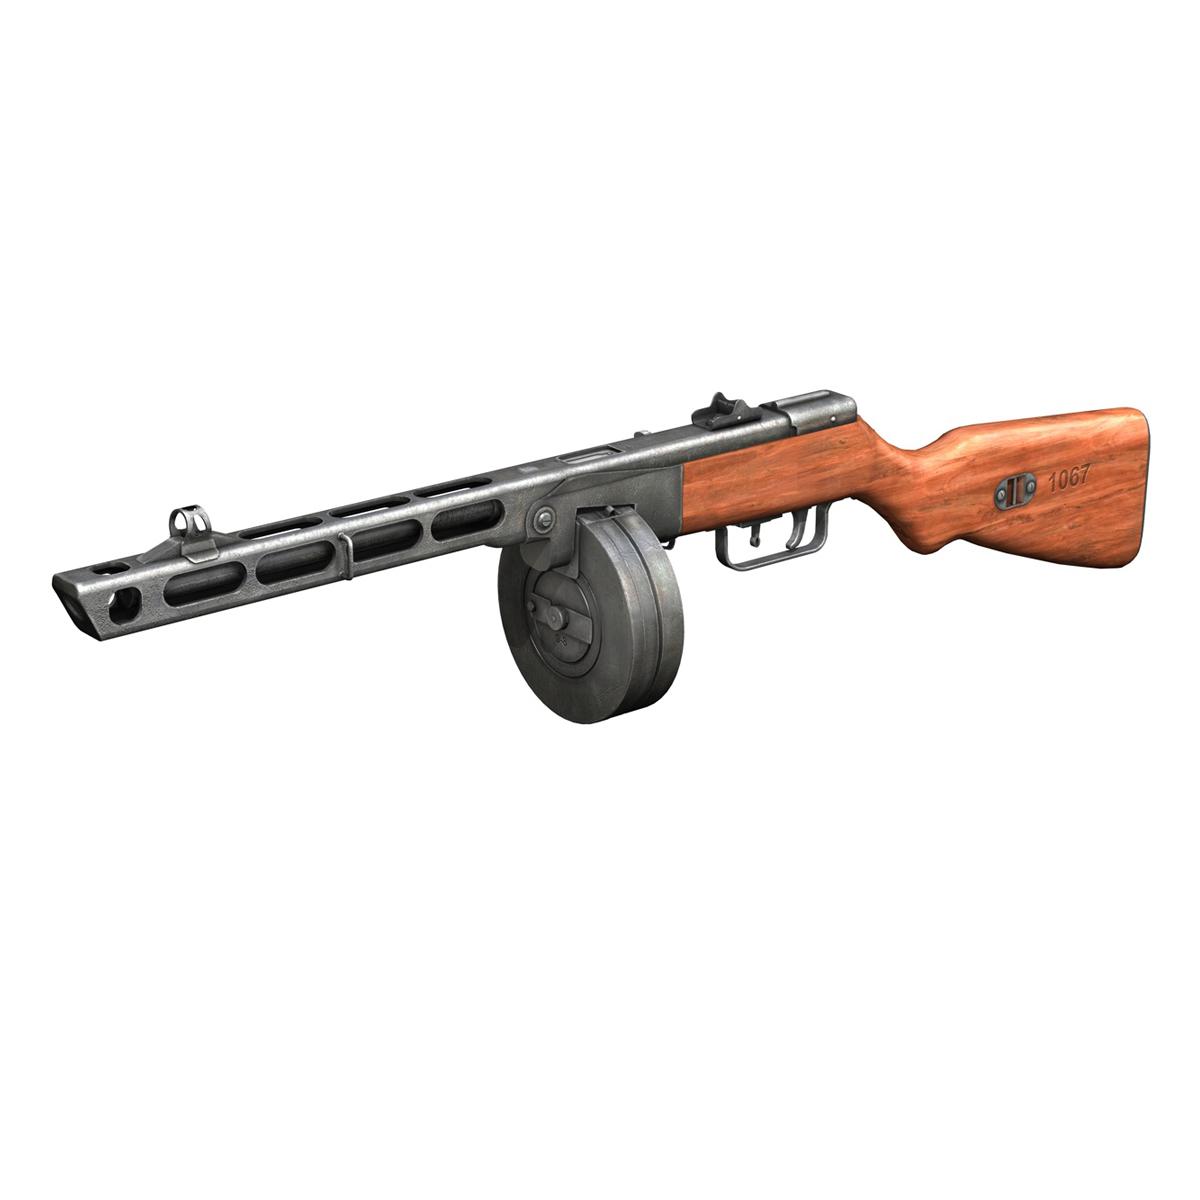 ppsh-41 – soviet submachine gun 3d model 3ds fbx c4d lwo obj 196955